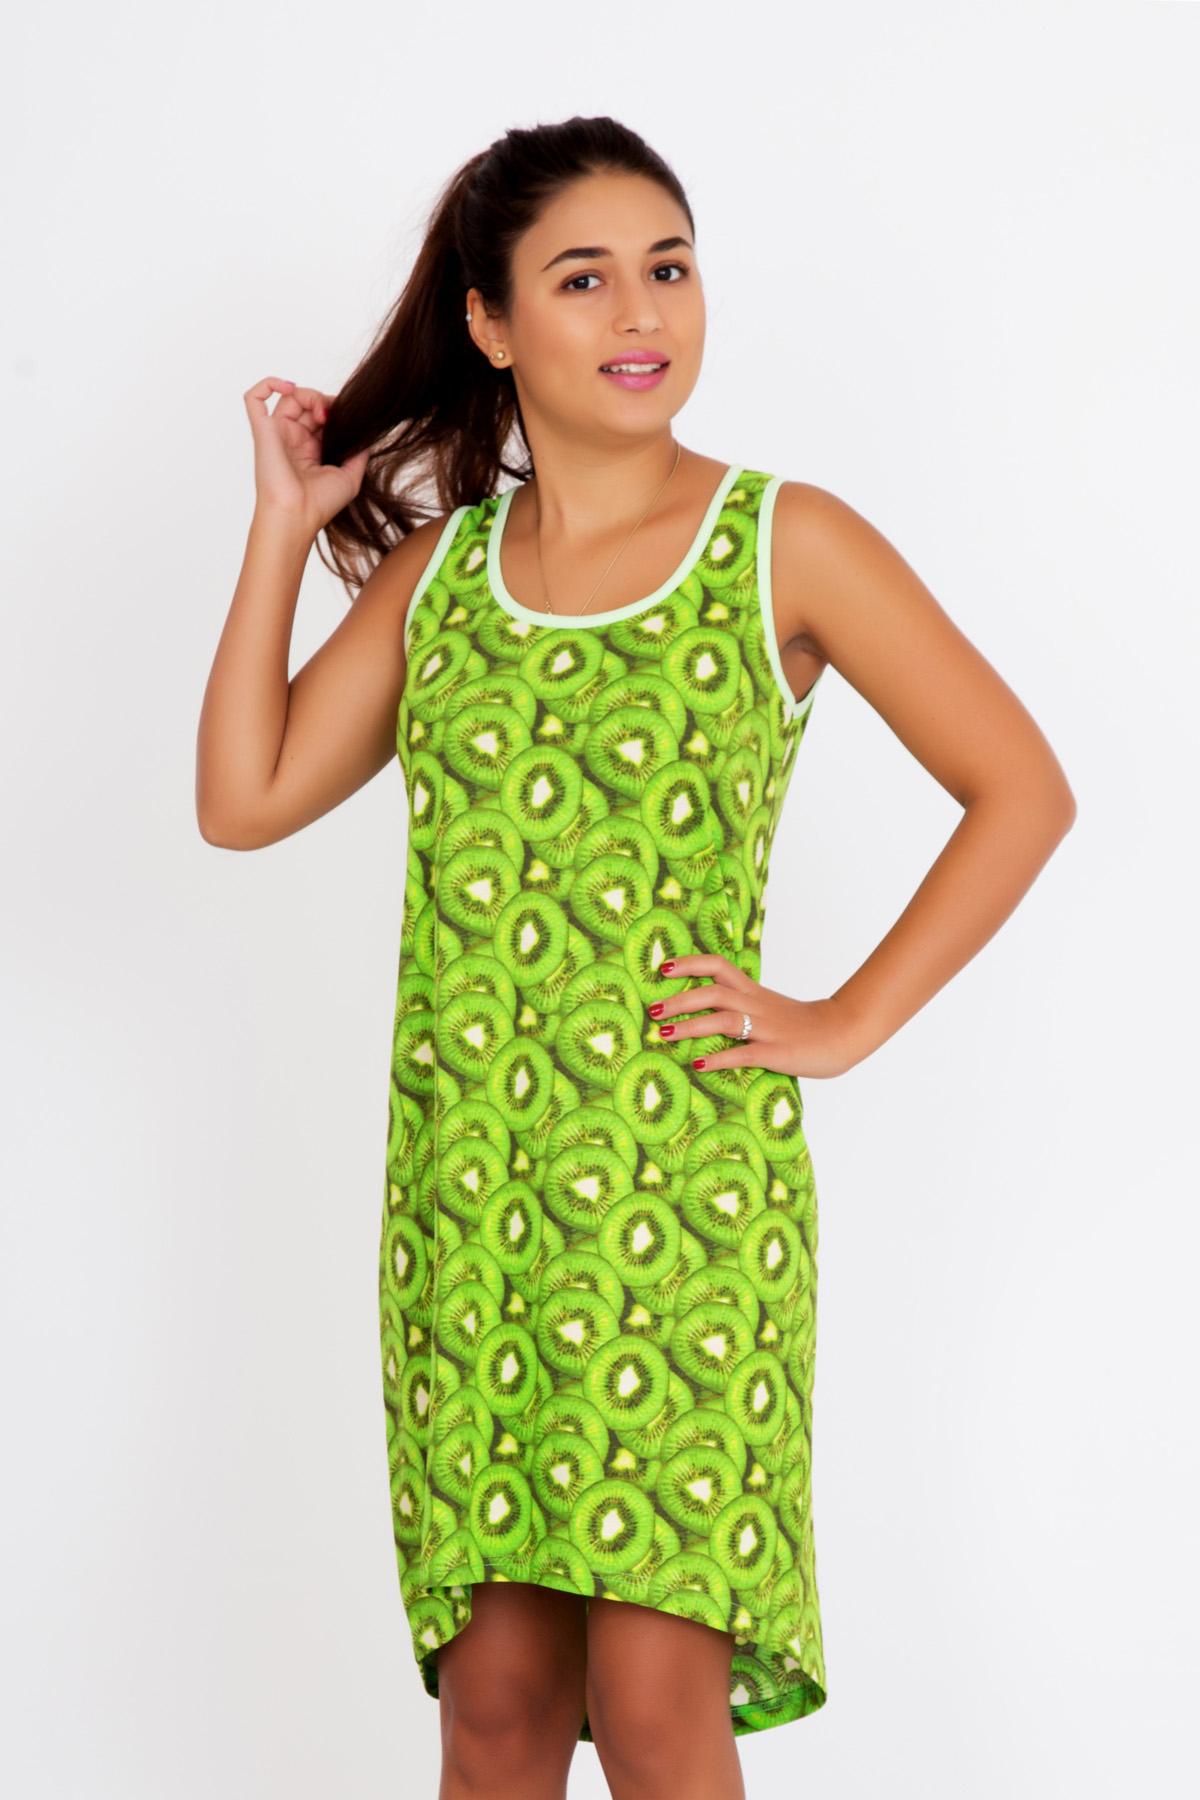 Жен. платье Витаминка р. 46Платья<br>Обхват груди:92 см<br>Обхват талии:74 см<br>Обхват бедер:100 см<br>Длина по спинке:91 см<br>Рост:167 см<br><br>Тип: Жен. платье<br>Размер: 46<br>Материал: Кулирка